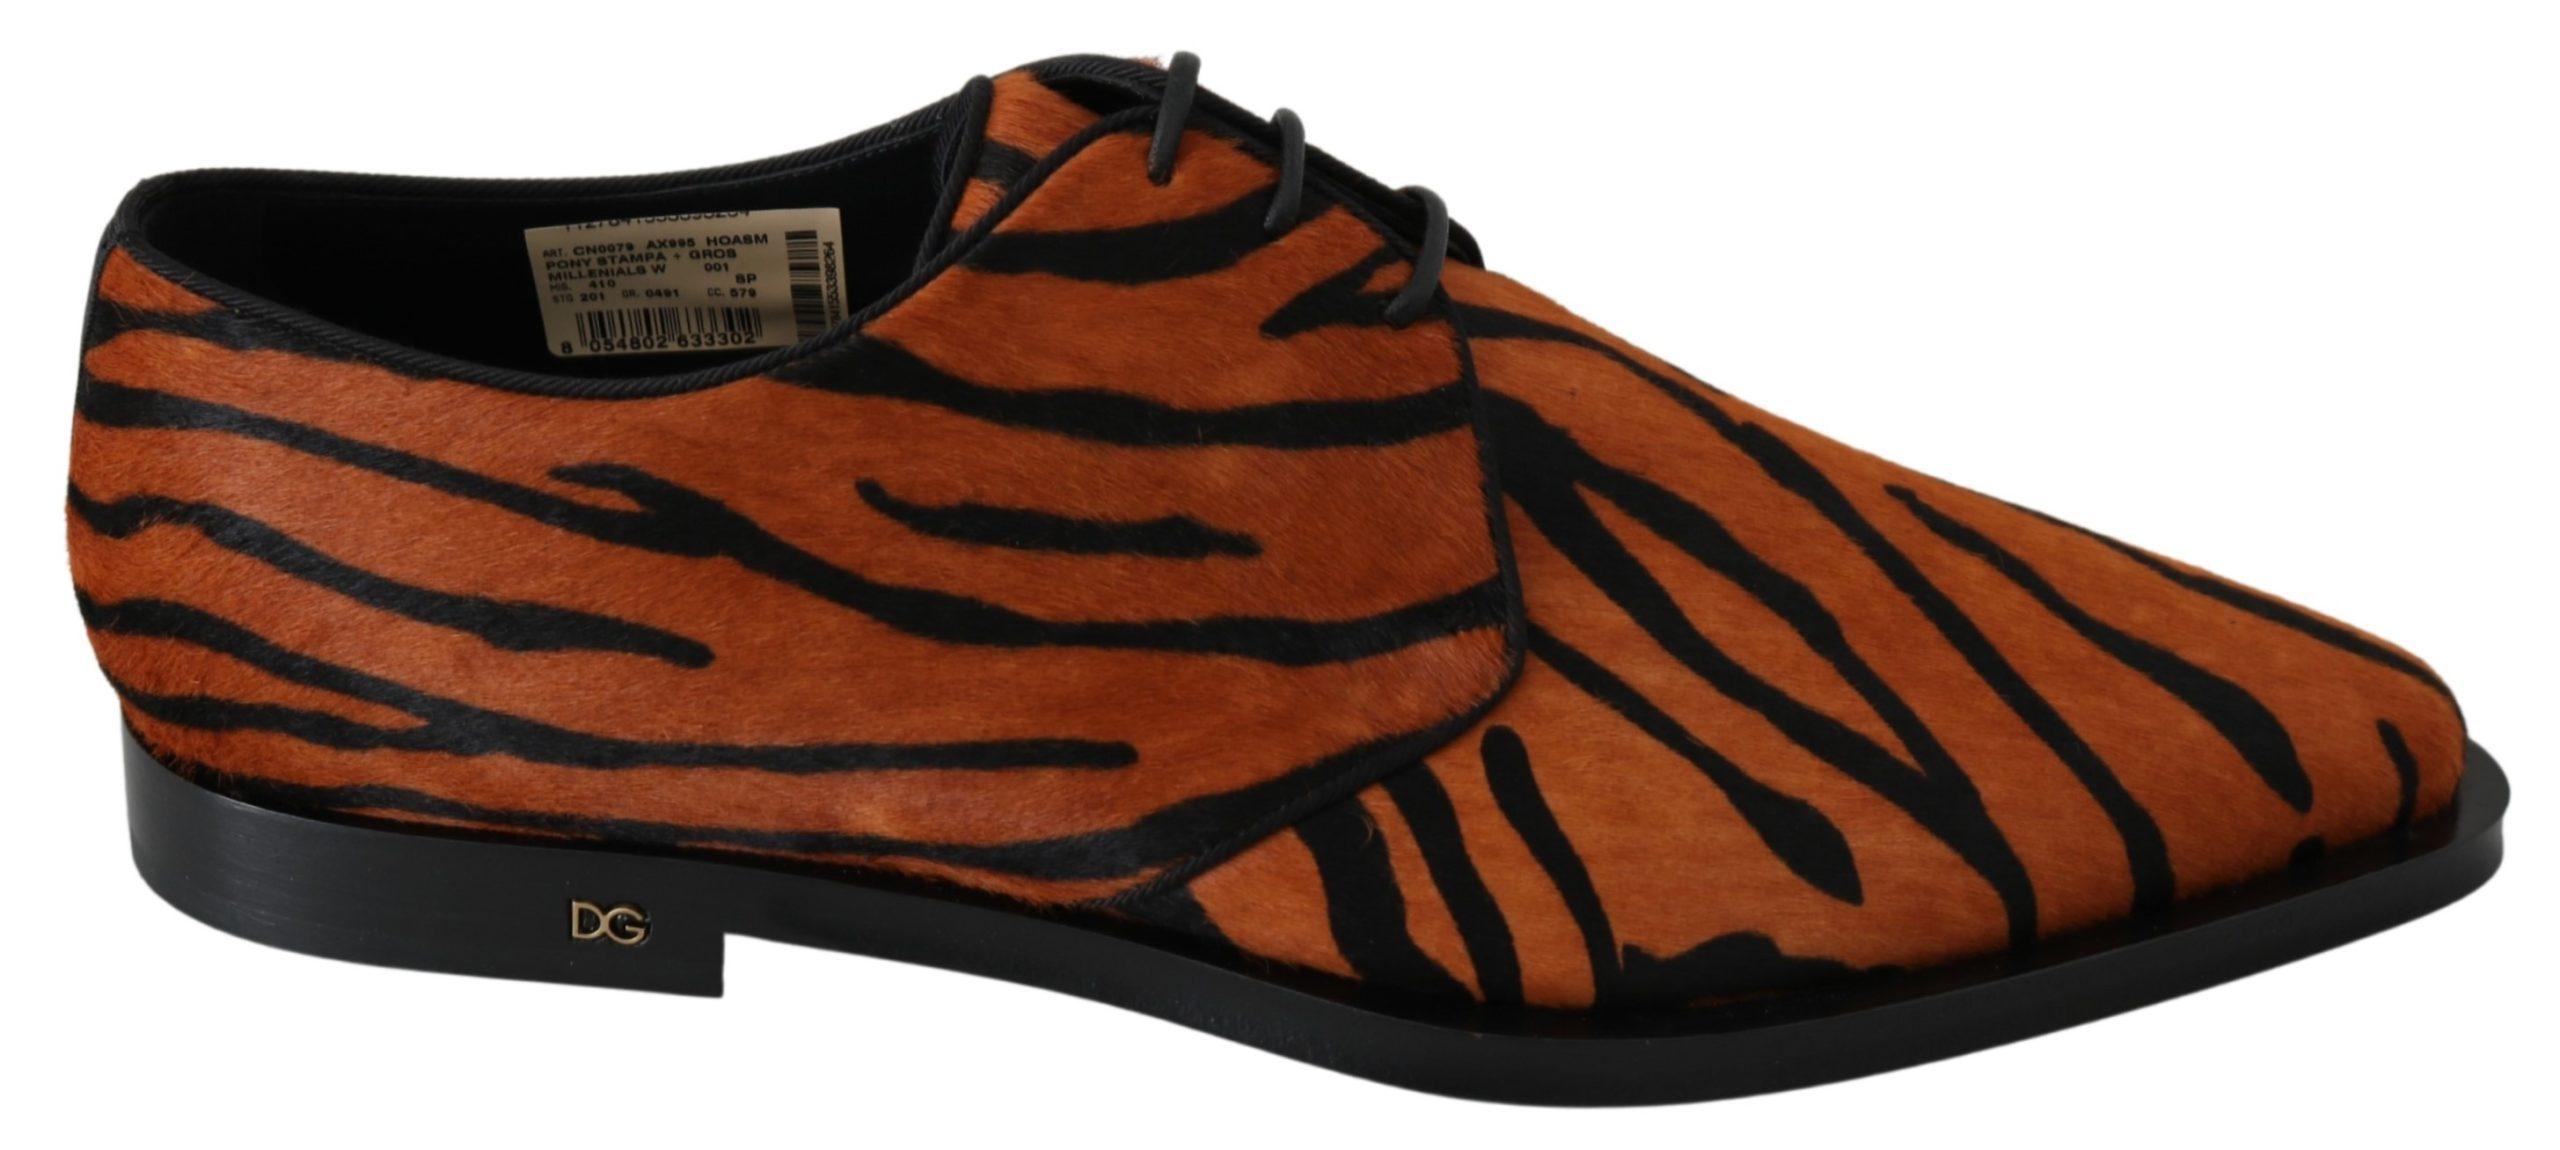 Orange Pony Hair Formal Dress Broque Shoes - EU41/US10.5